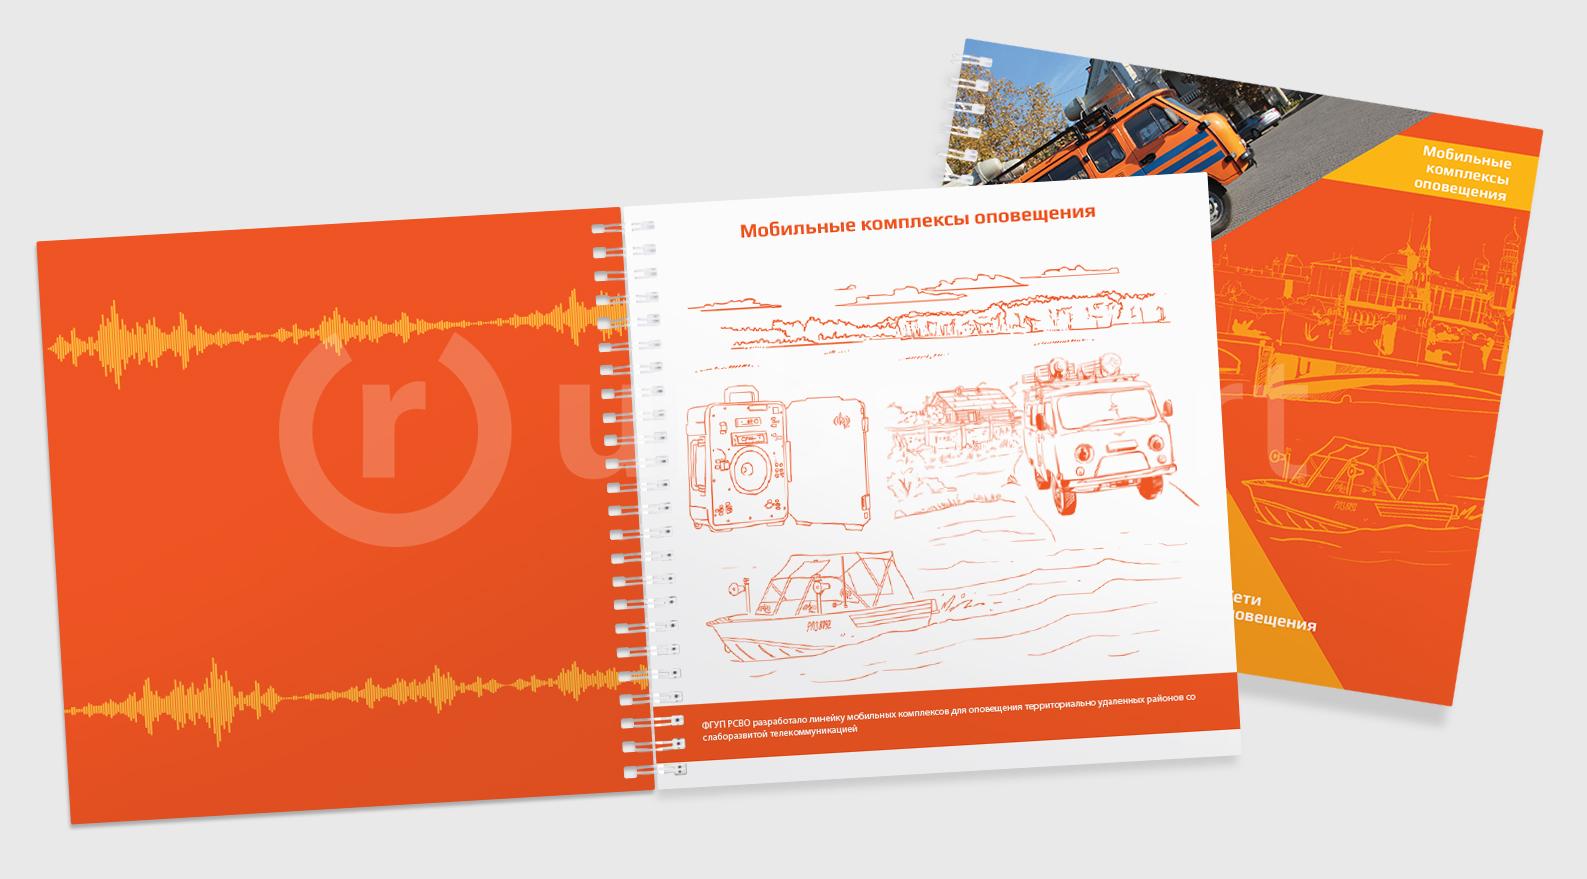 Дизайн и производство блокнотов компании РСВО